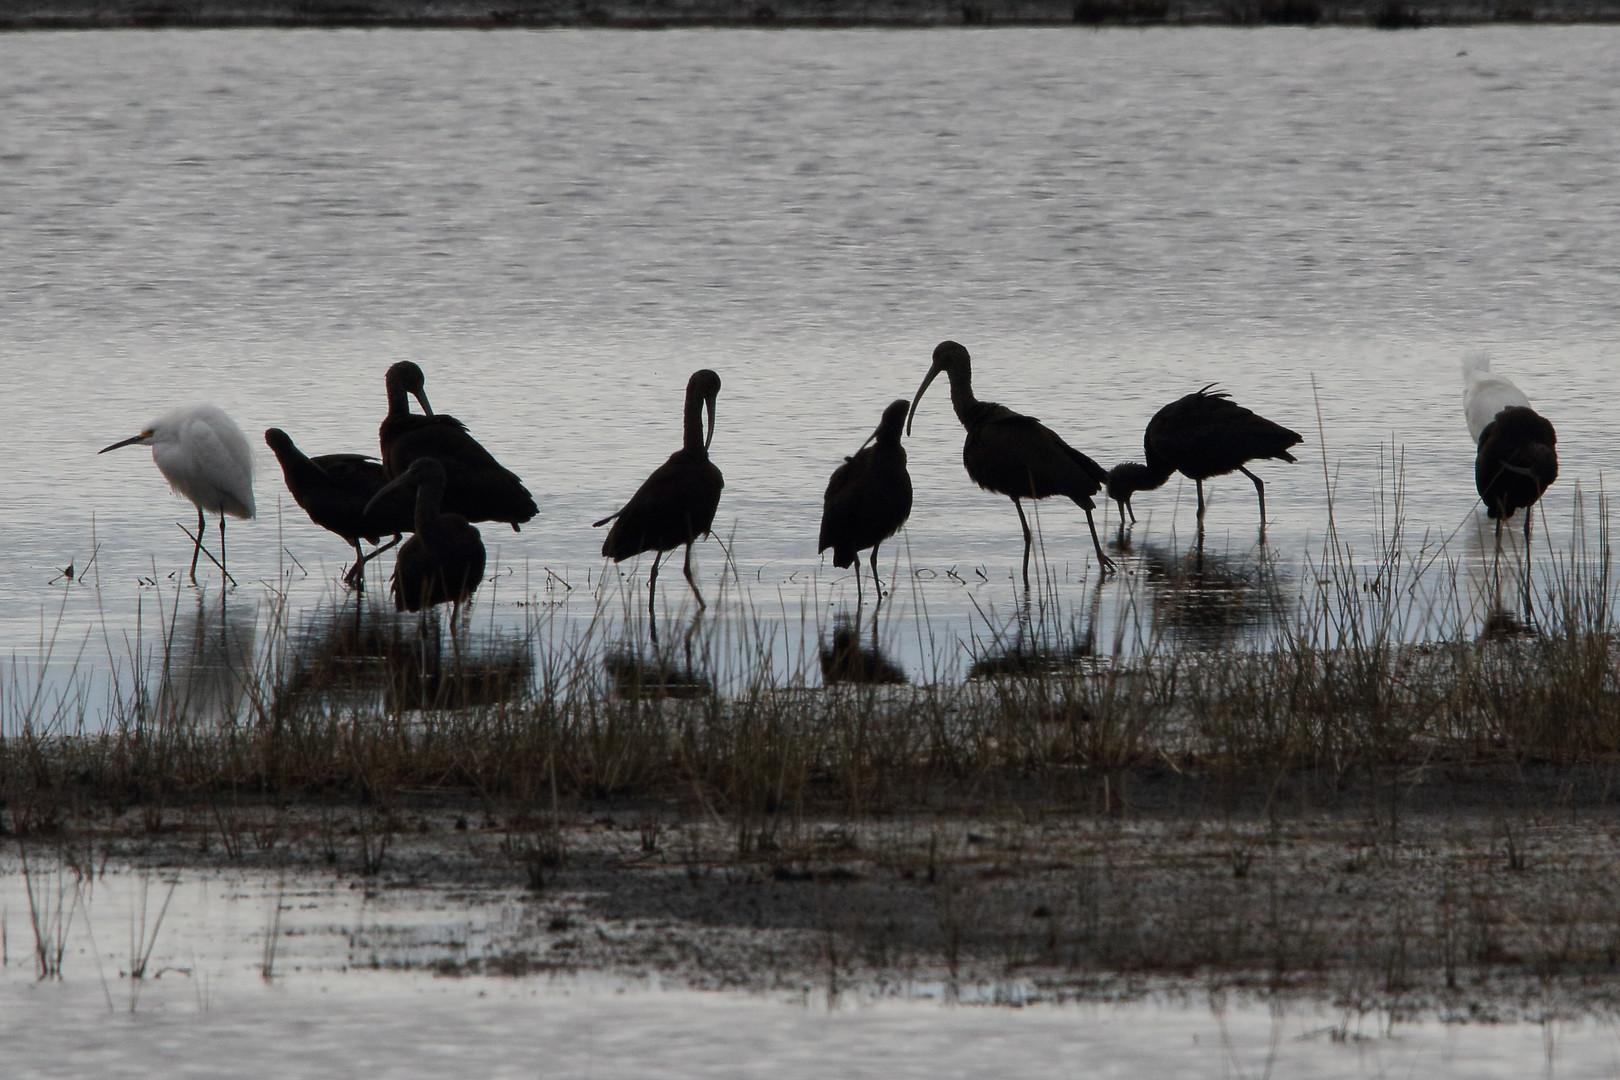 ibis silouettes 7dii.jpg